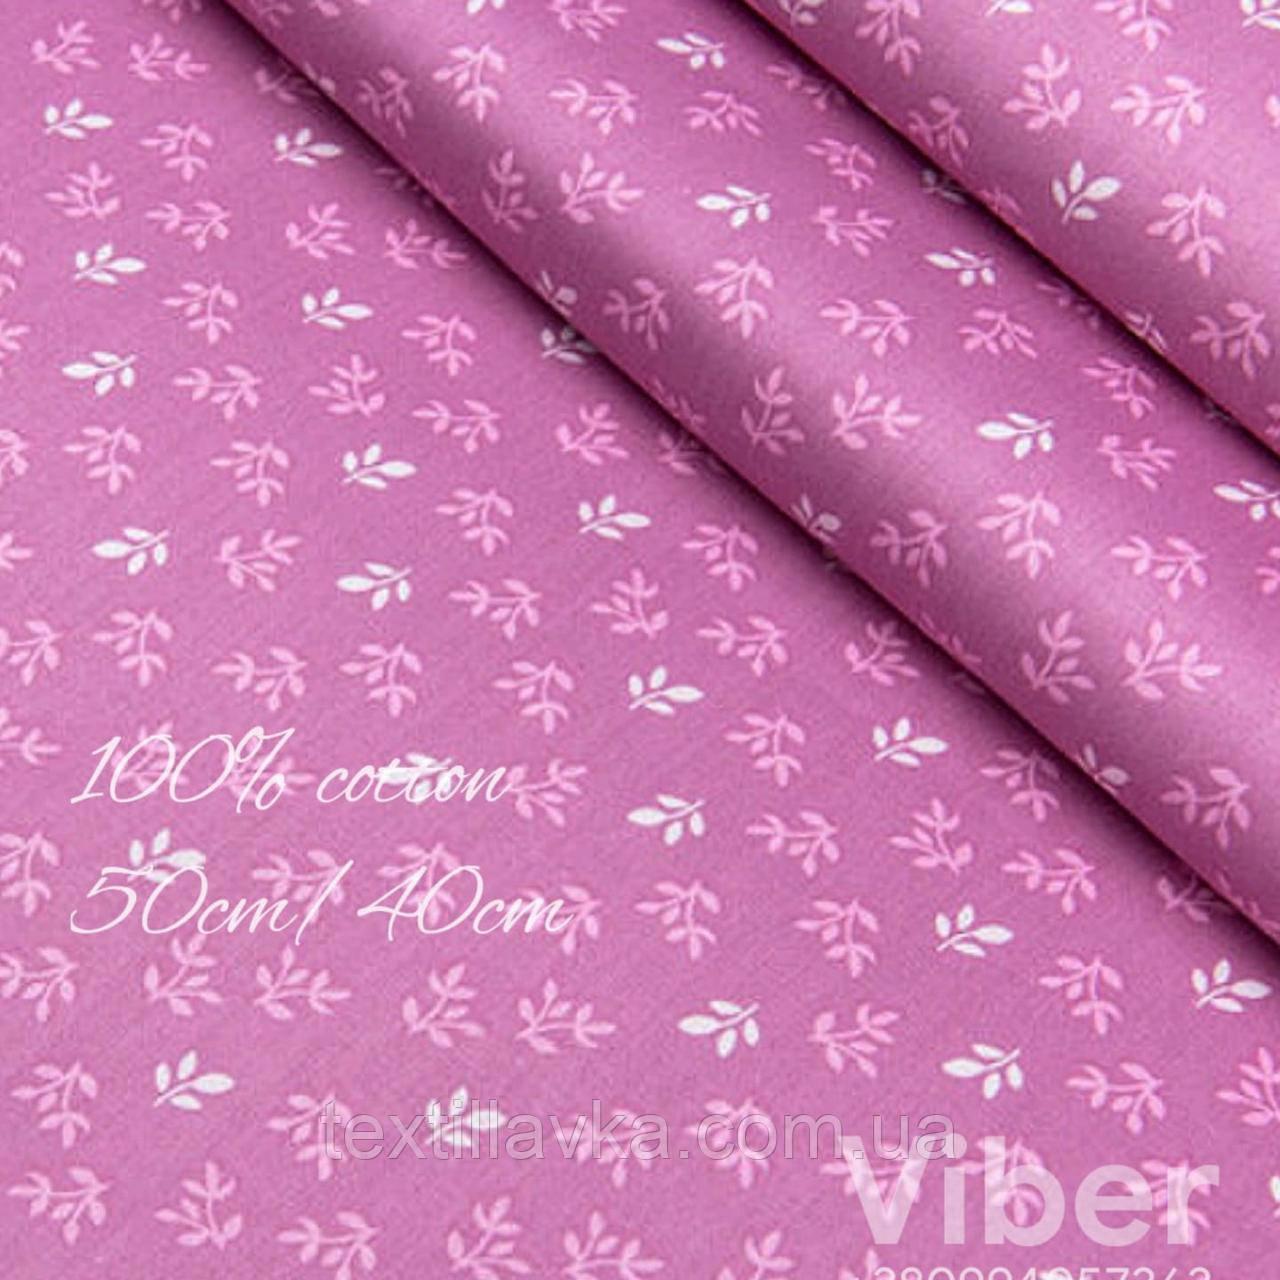 Тканина бавовна листочки на рожево-бузковому тлі